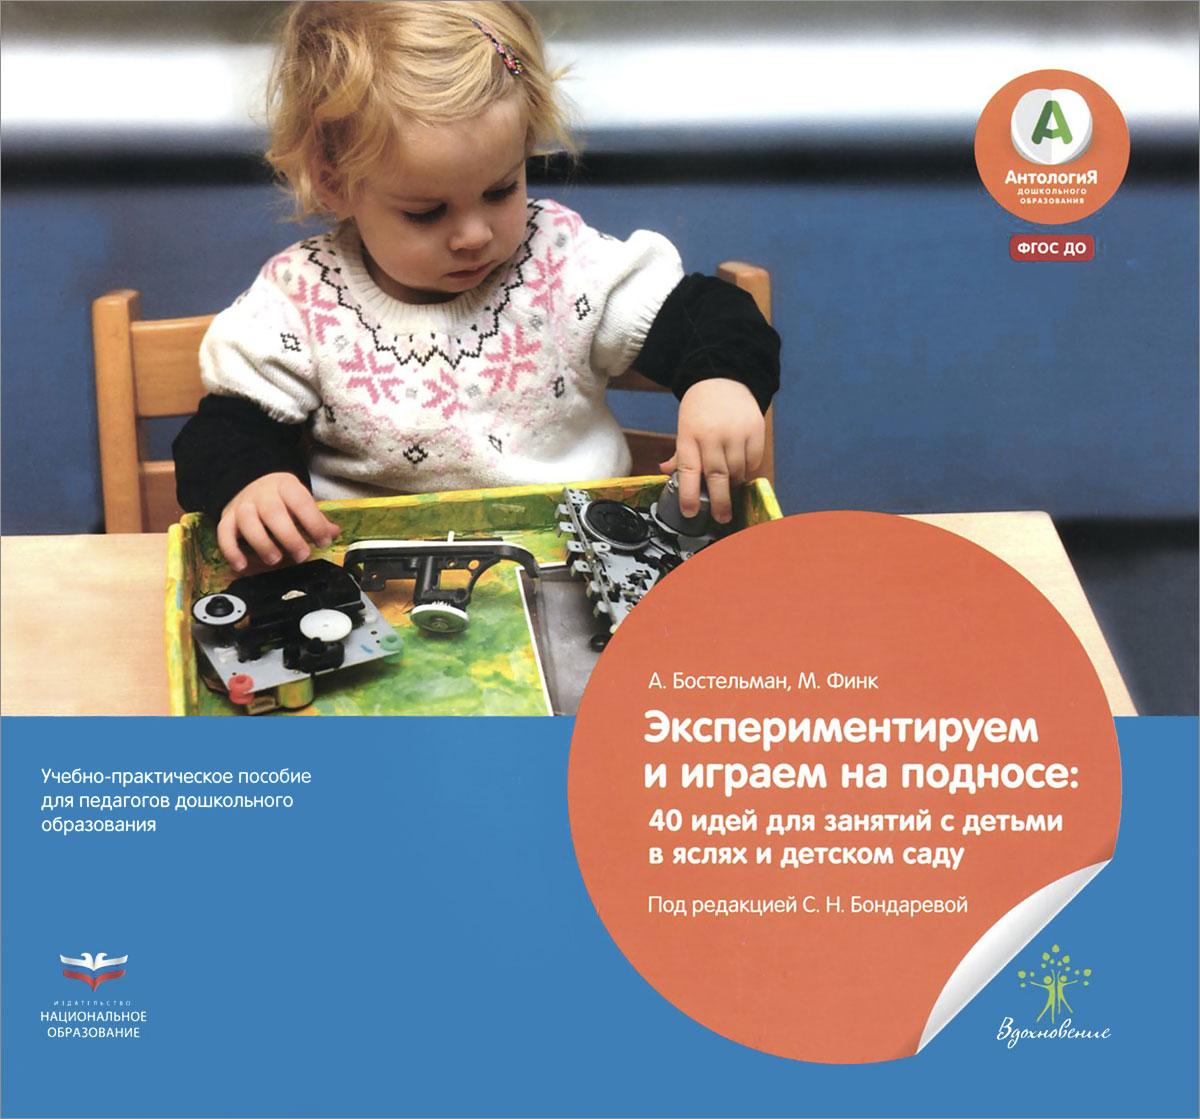 Экспериментируем и играем на подносе. 40 идей для занятий с детьми в яслях и детском саду, А. Бостельман, М. Финк